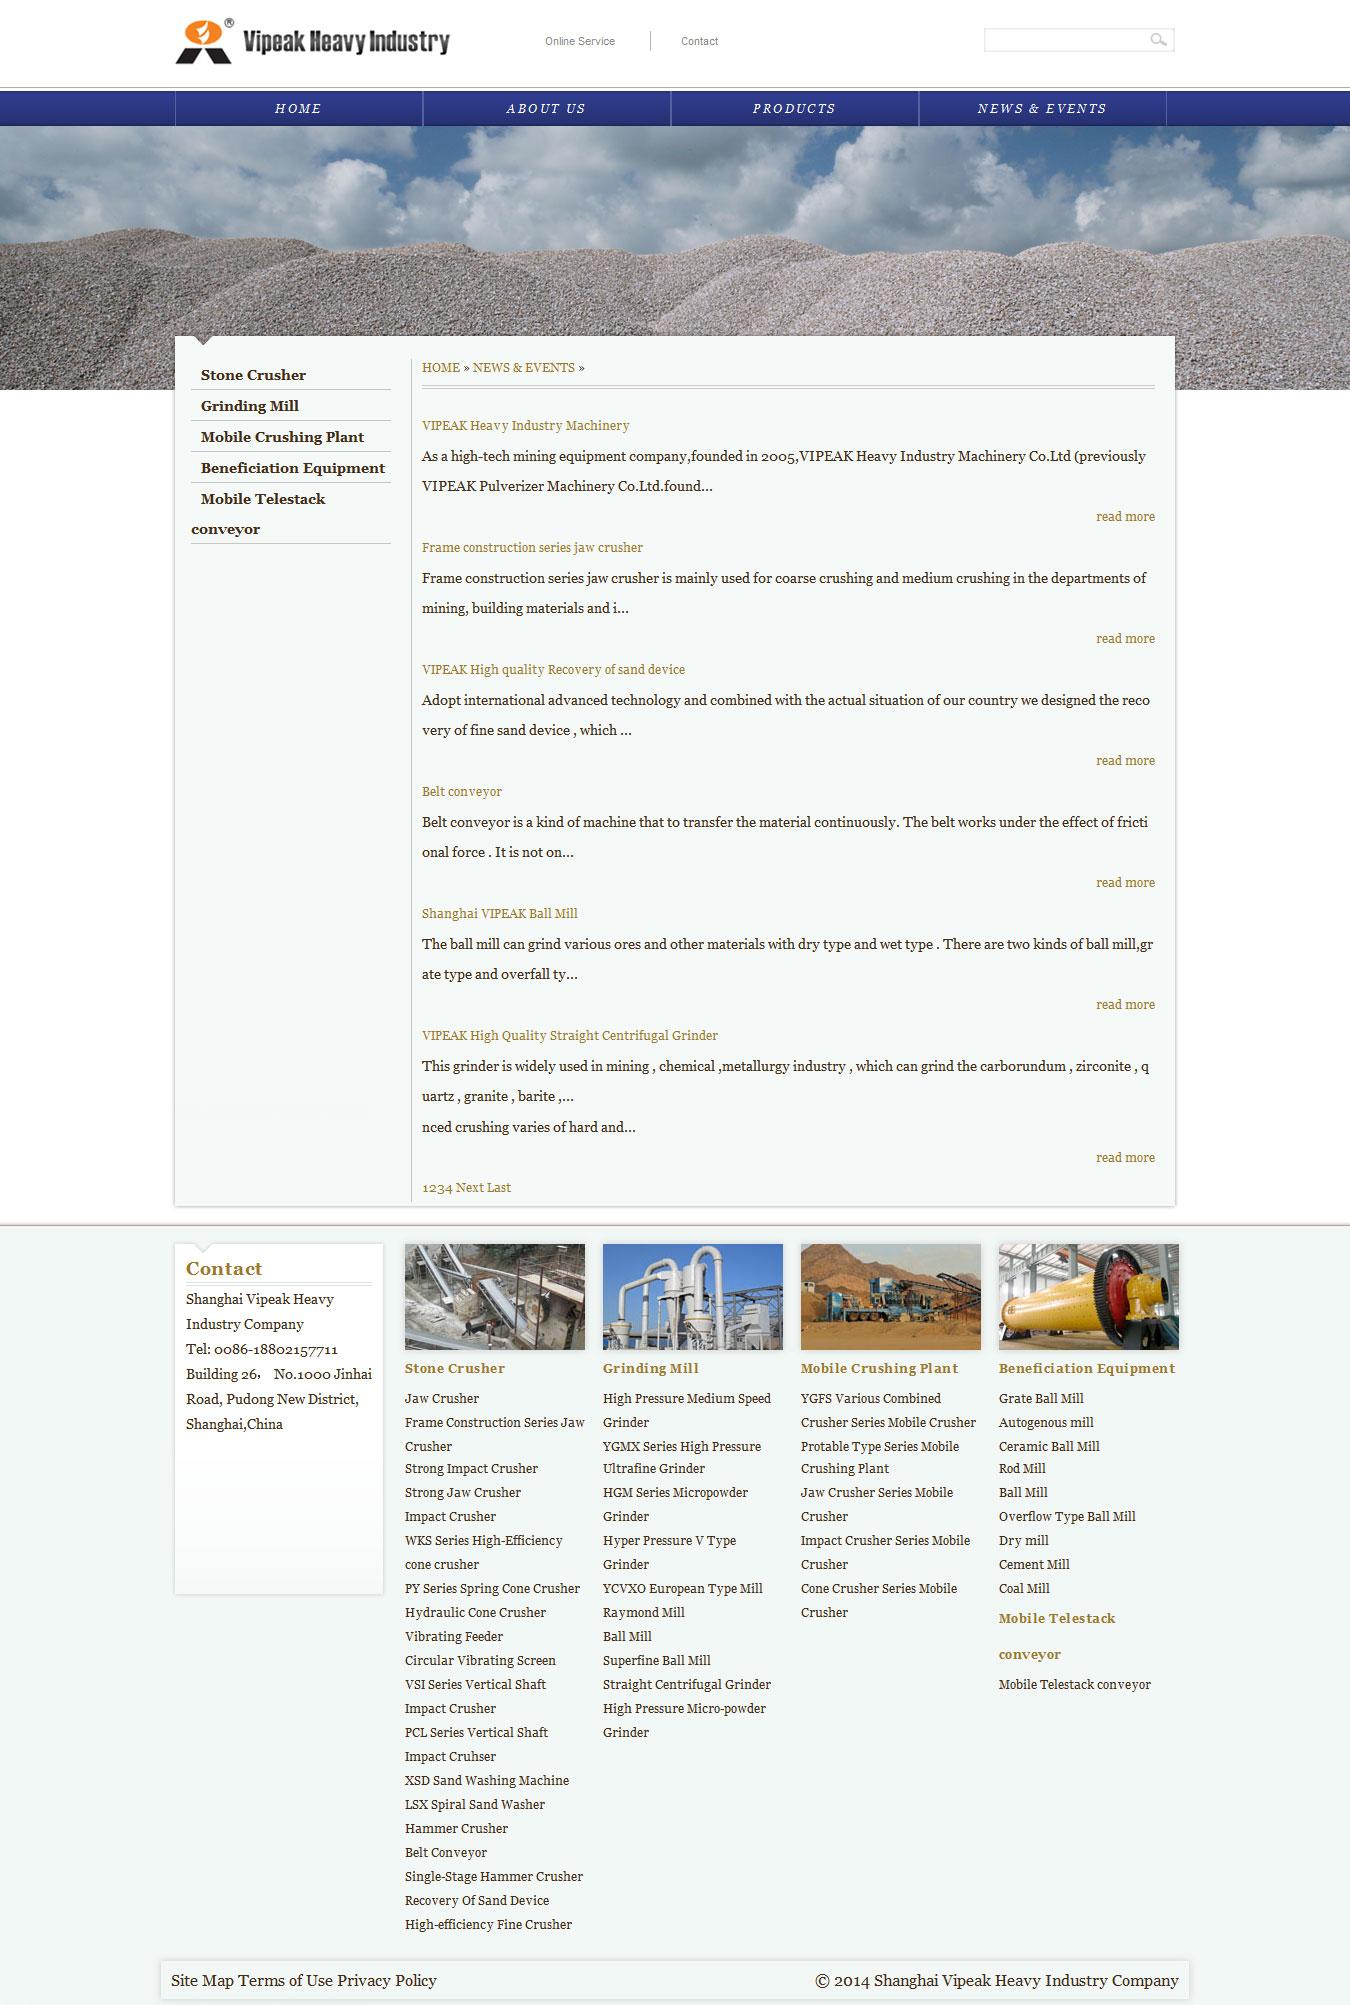 新闻列表页